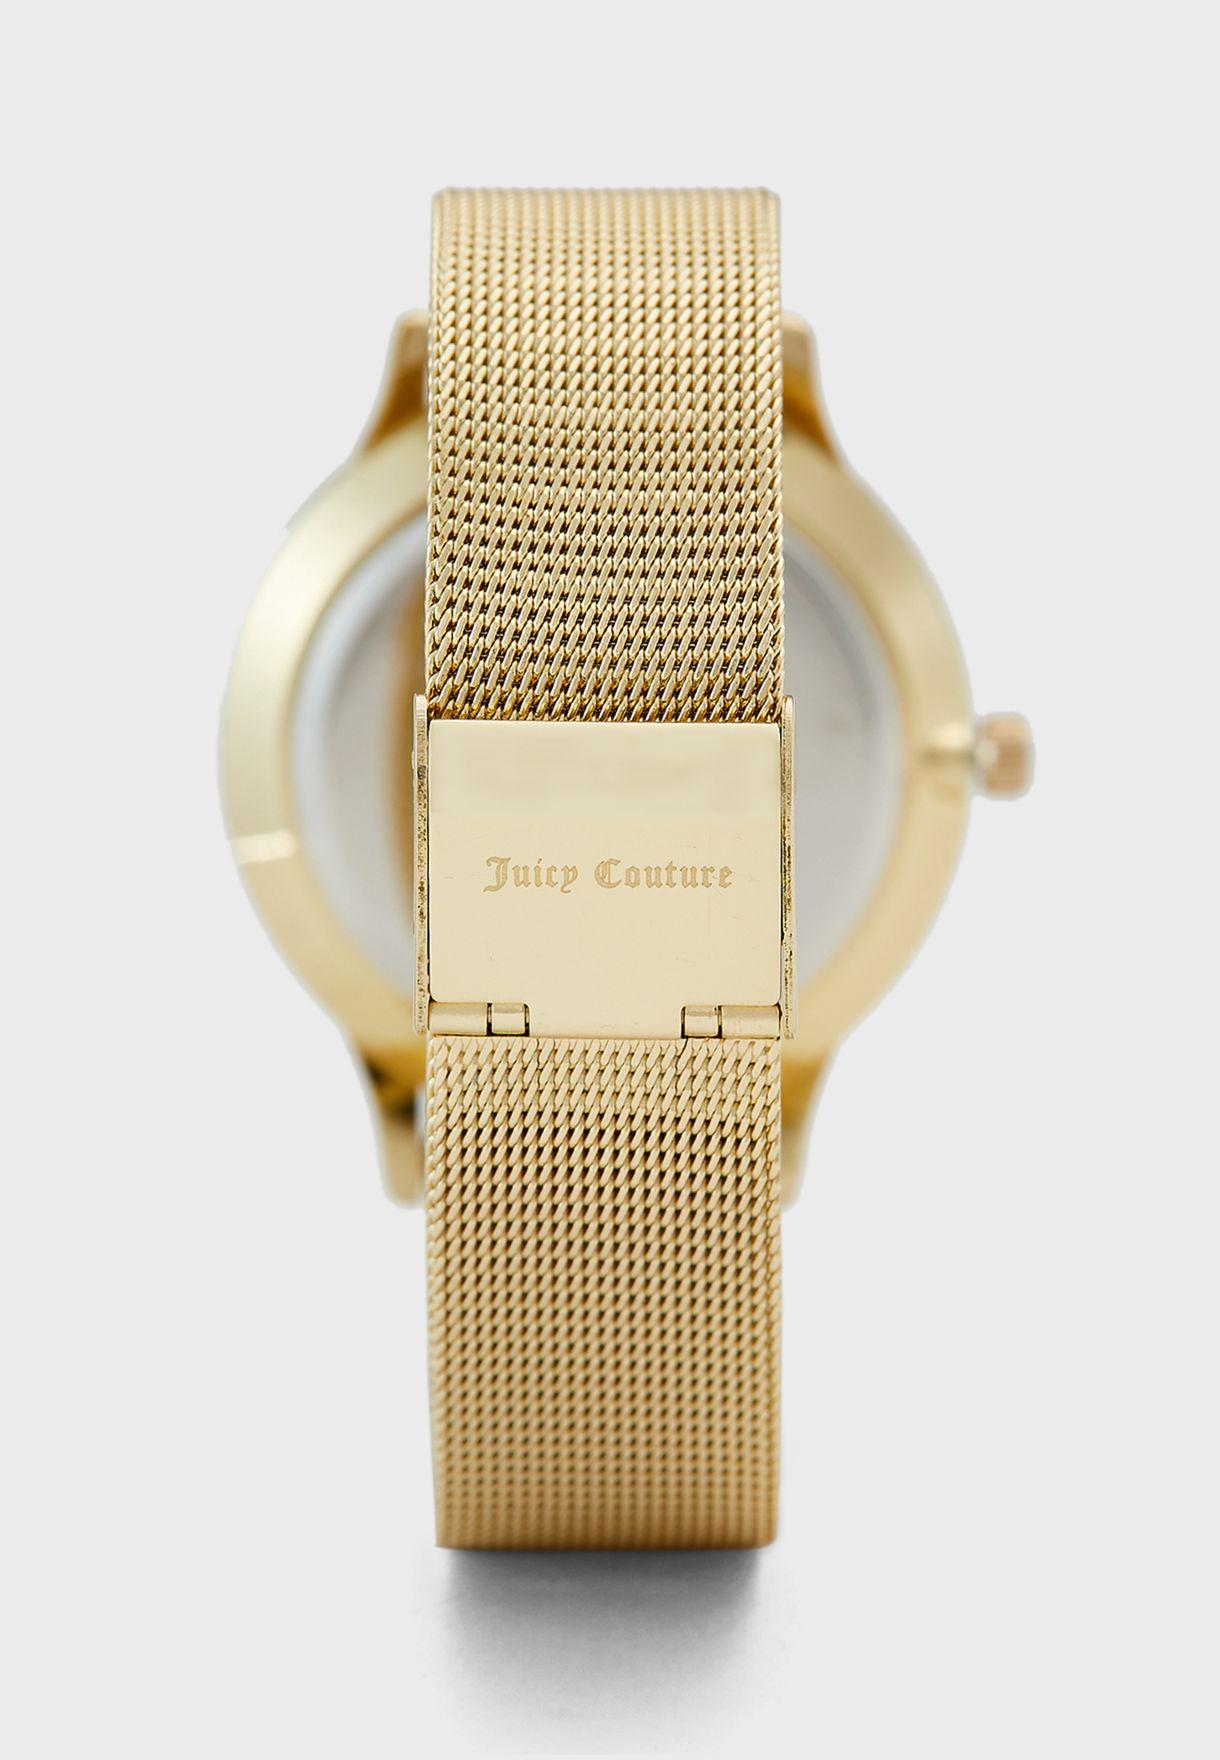 ساعة انالوج من مجموعة جوسي كوتور X بلاك ليبل